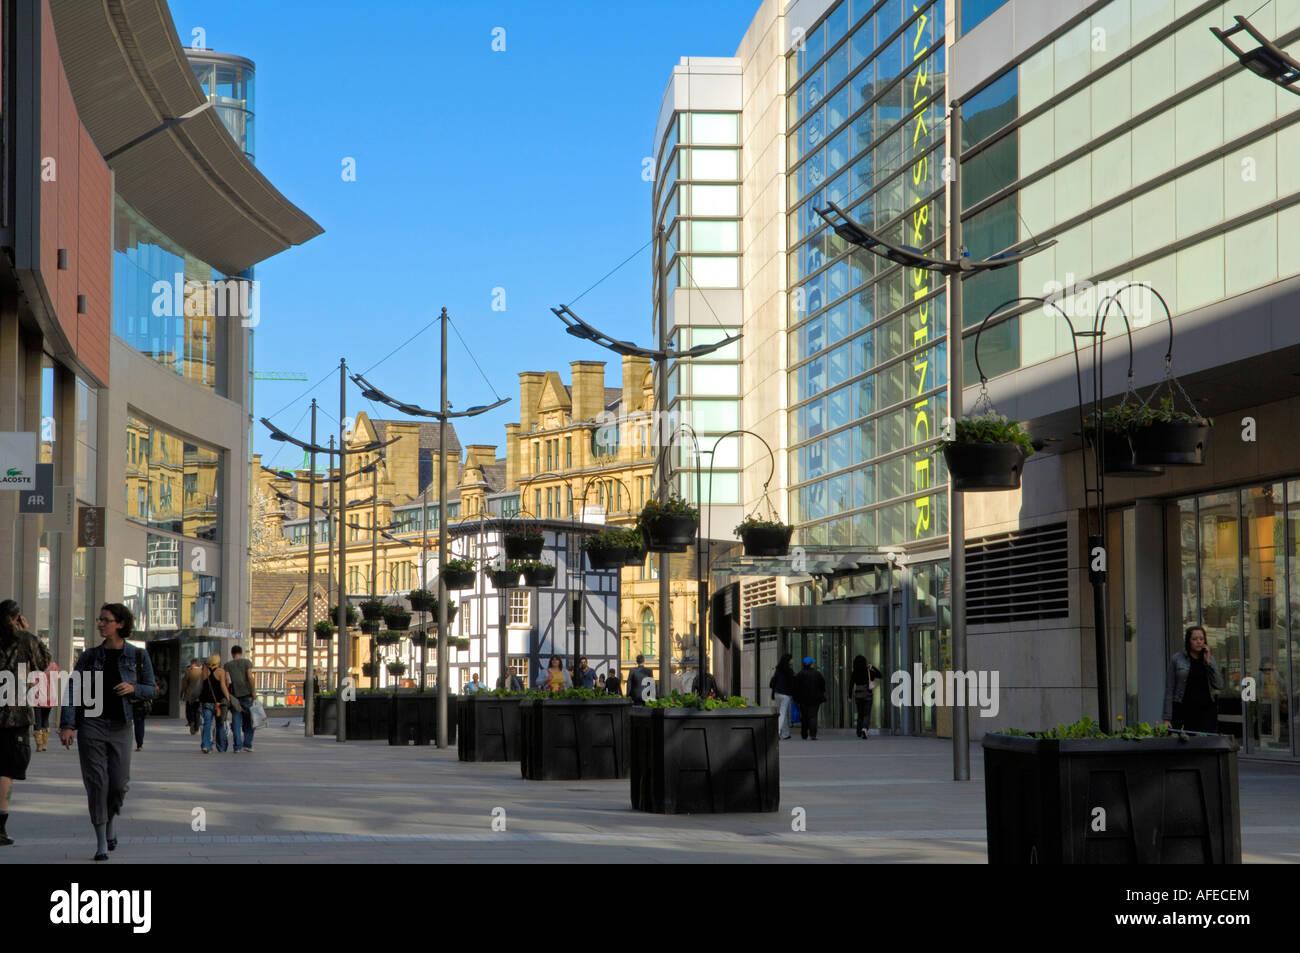 Tiendas en el cuarto milenio en Manchester Foto & Imagen De Stock ...